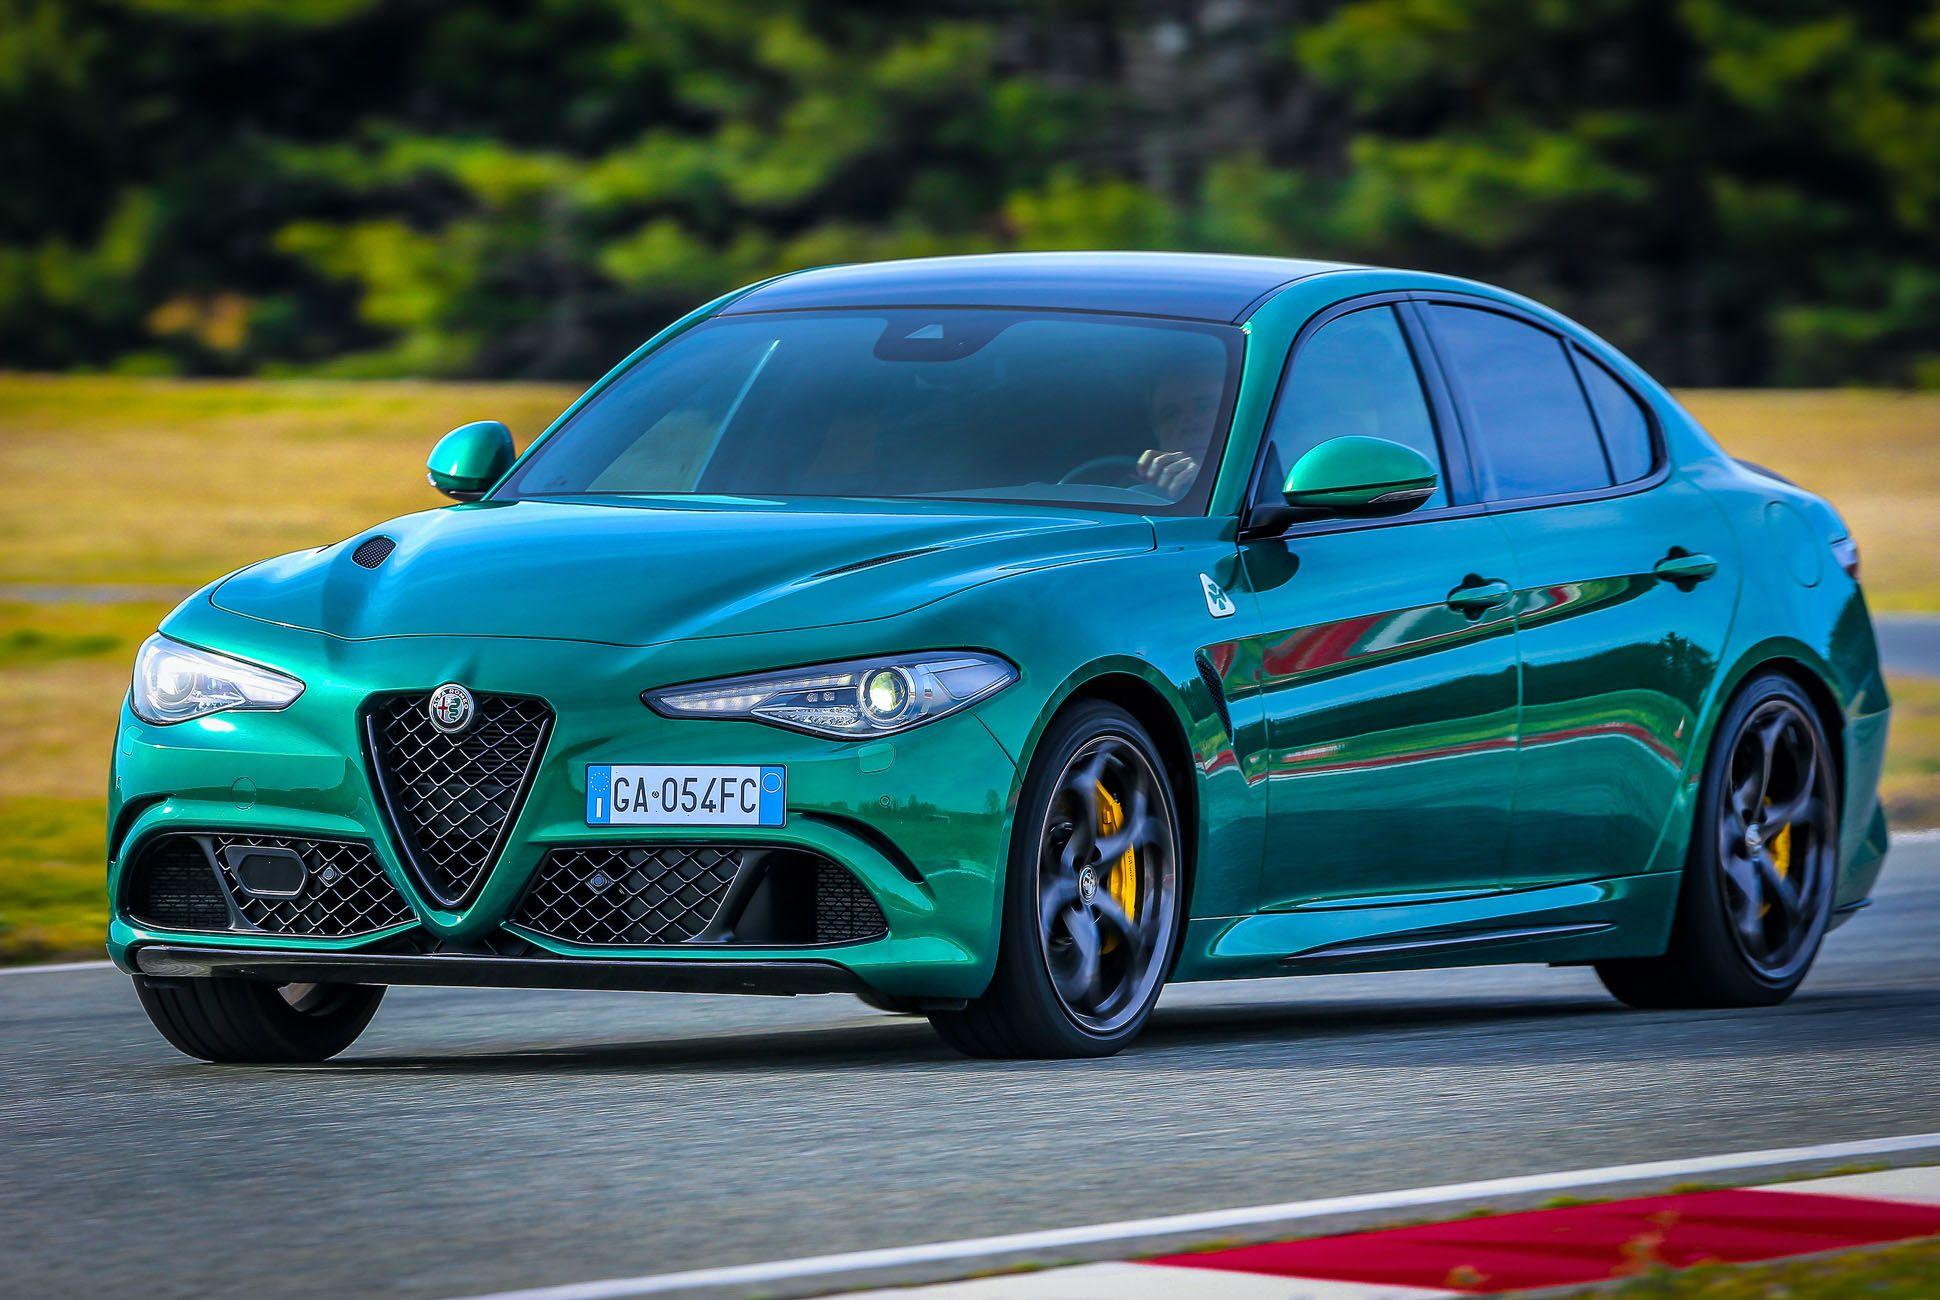 The 2020 Alfa Romeo Giulia Quadrifoglio Is Almost The Perfect Sports Sedan Alfa Romeo Giulia Quadrifoglio Alfa Romeo Giulia Alfa Romeo